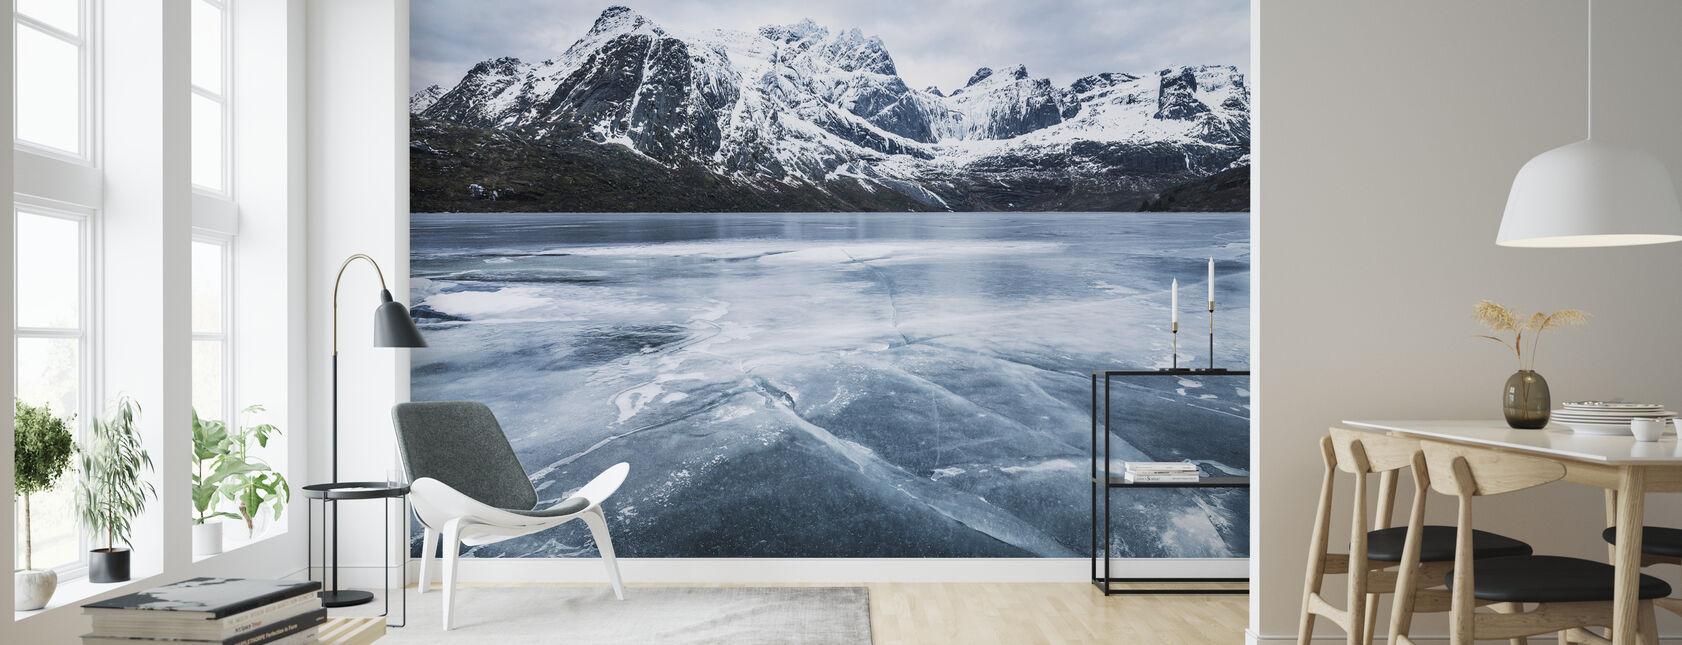 Gefrorenes Wasser und Gebirge - Tapete - Wohnzimmer